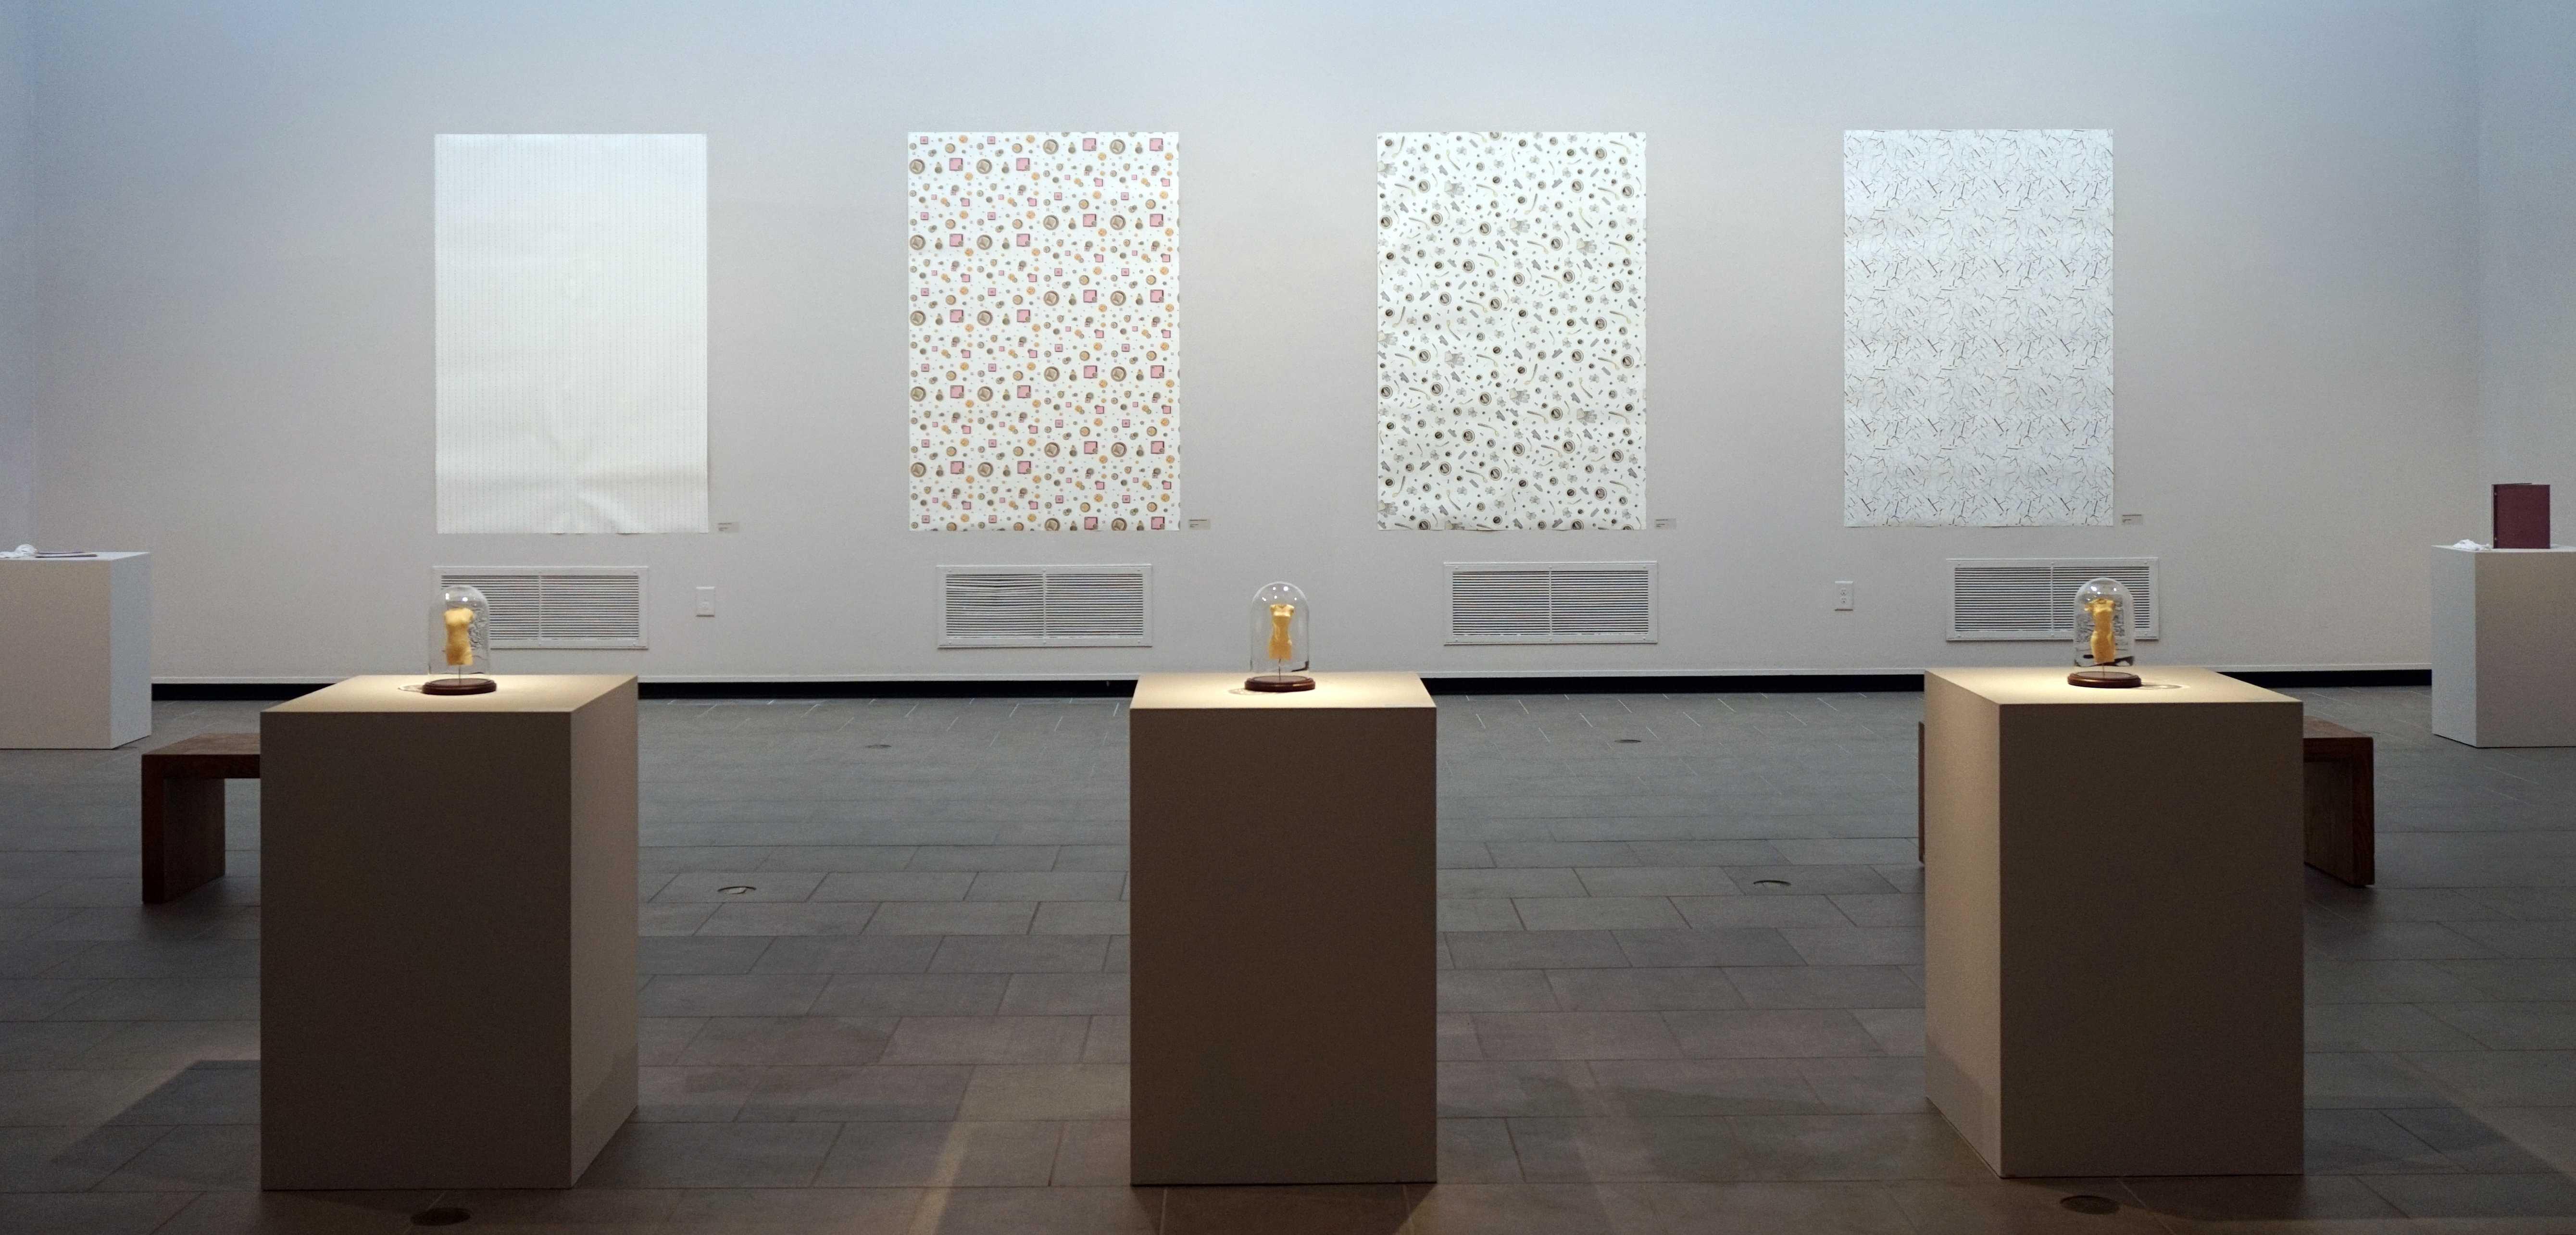 Artist displays feminine history